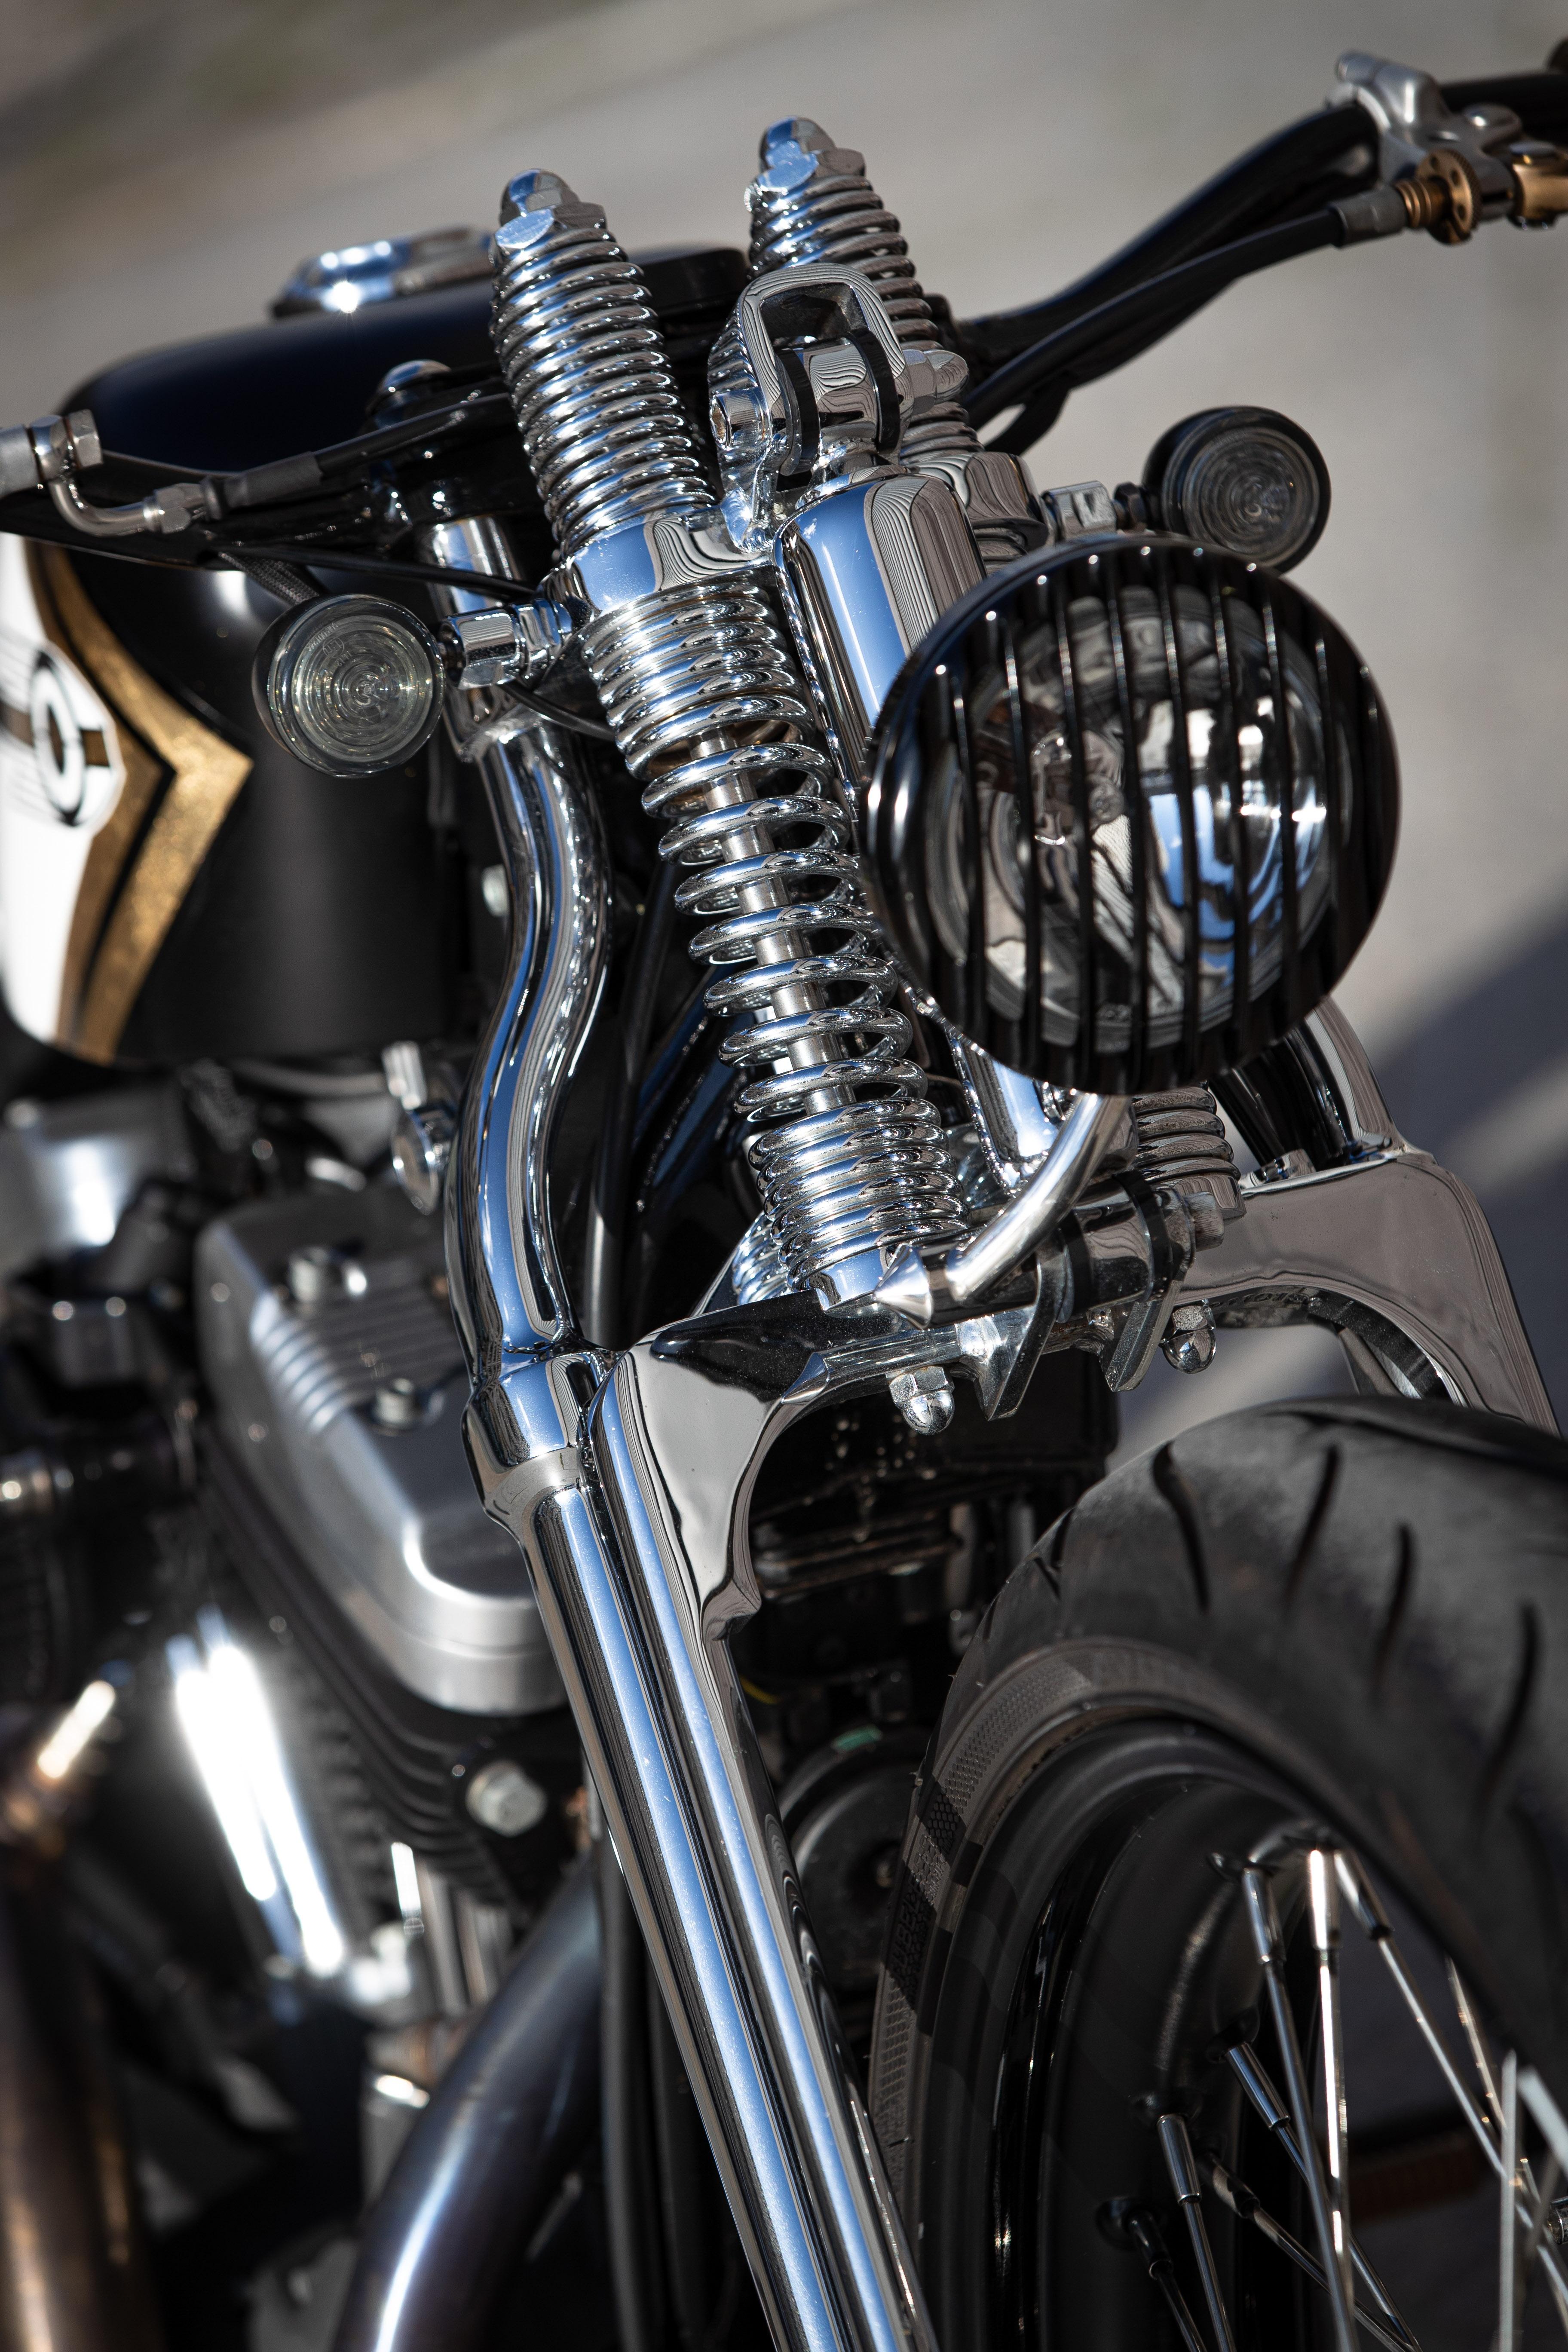 Ngam dan xe Harley-Davidson Sportster lot xac voi ban do Sykes hinh anh 22 2020_Harley_Davidson_Sportster_Custom_5294.jpg